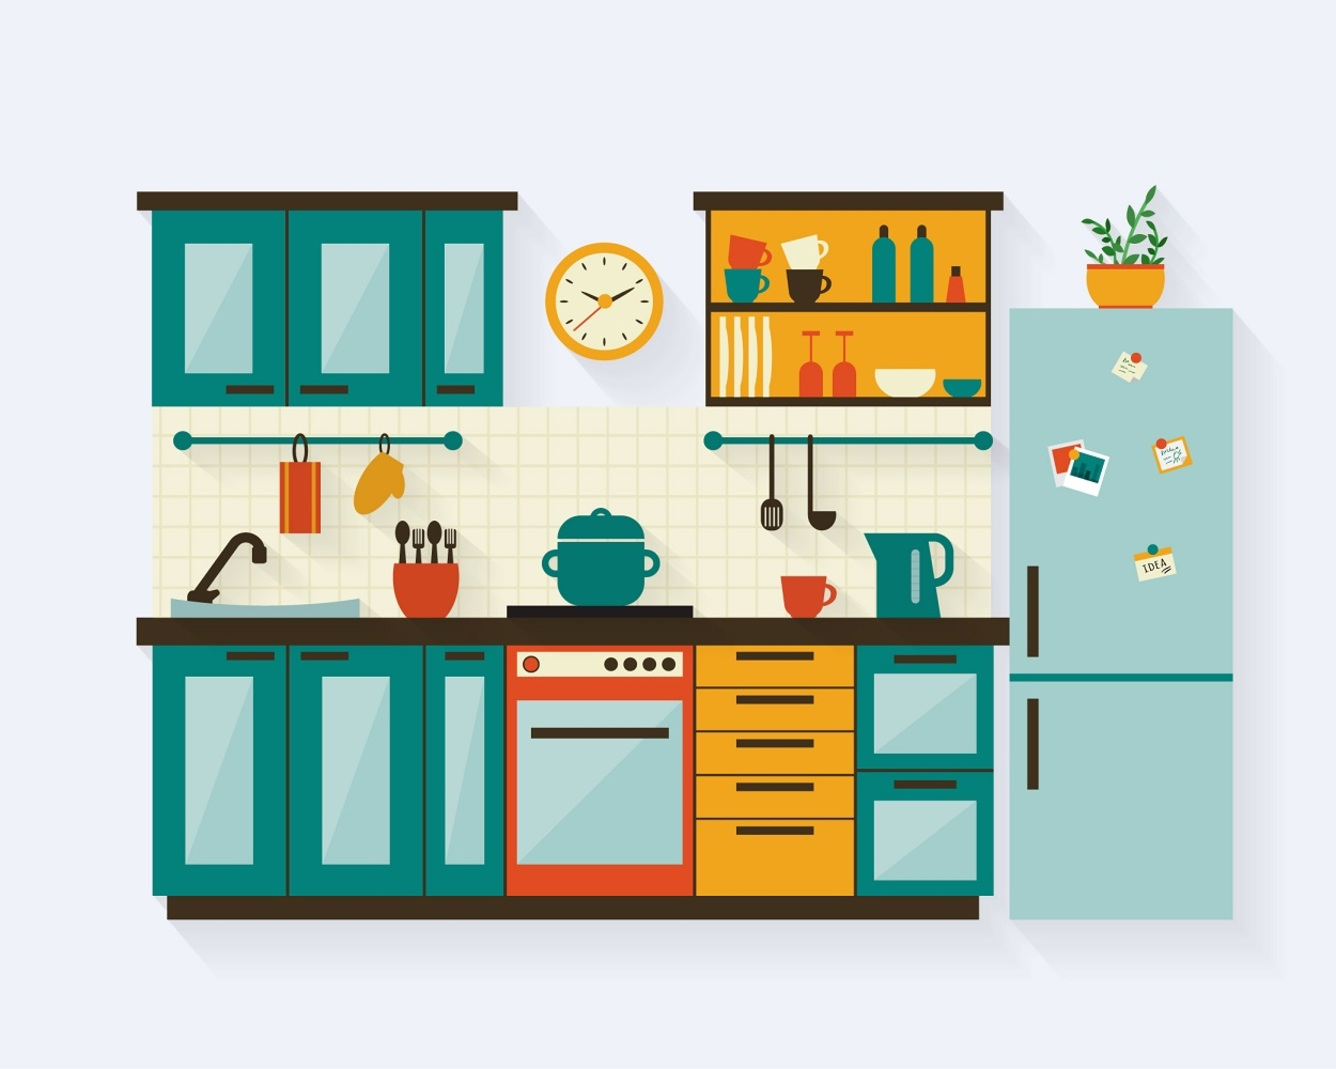 Język Angielski W Kuchni Przydatne Zwroty I Słownictwo